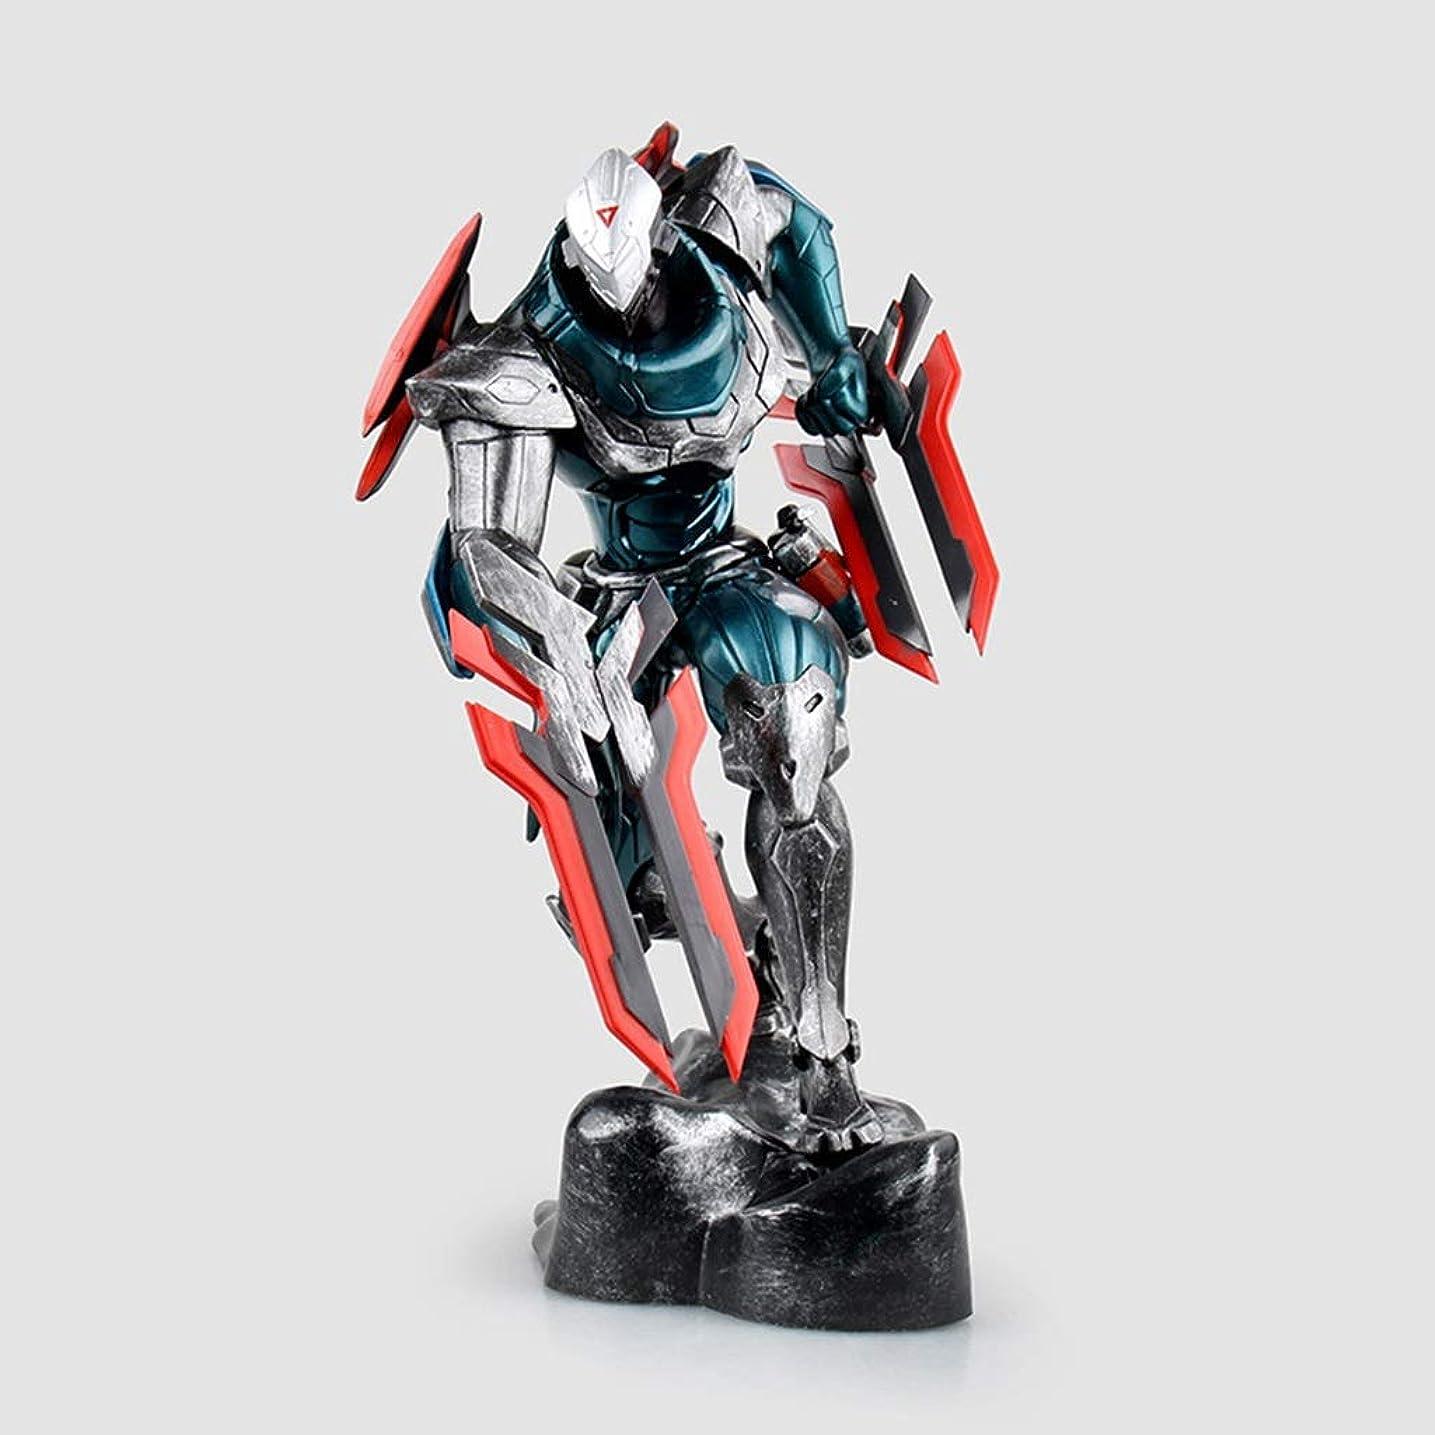 一回粘り強い完全に乾くゲームモデル、PVC子供のおもちゃコレクションの彫像、デスクトップの装飾的なおもちゃの彫像のおもちゃのモデル、ソースプランの主流(22cm) JSFQ